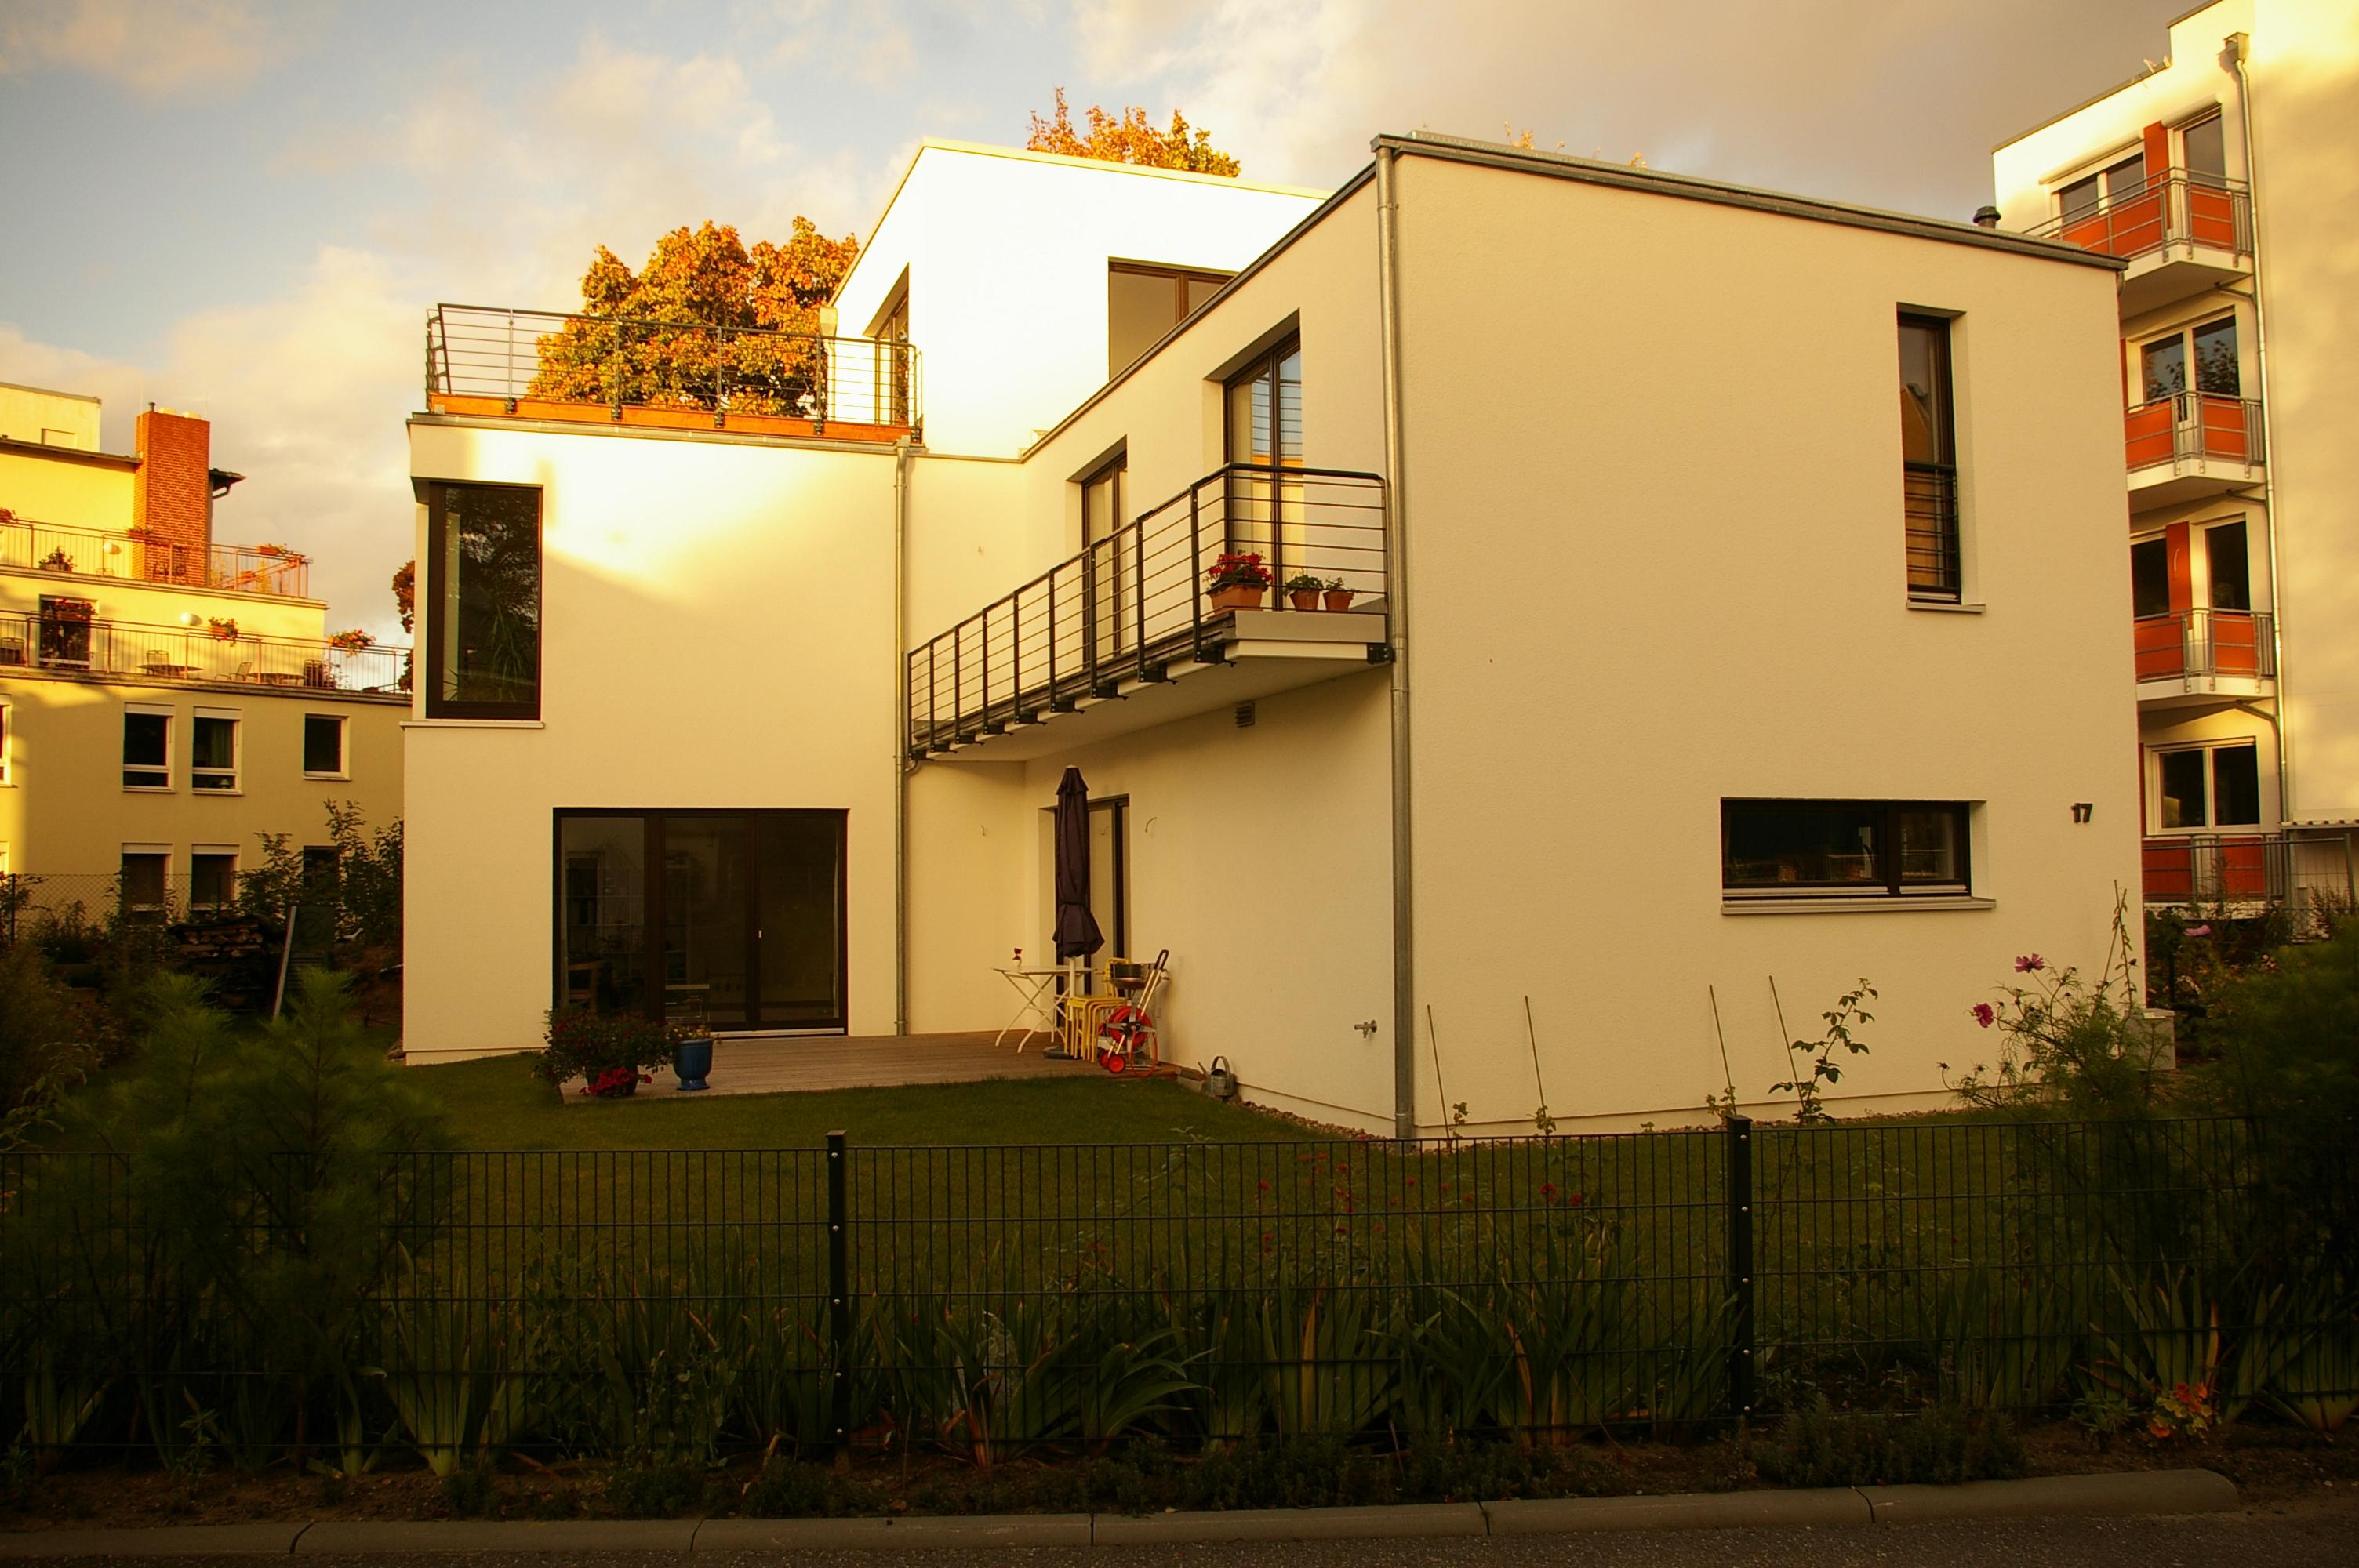 Kosimahaus Im Bauhausstil Foto: Martin Rank